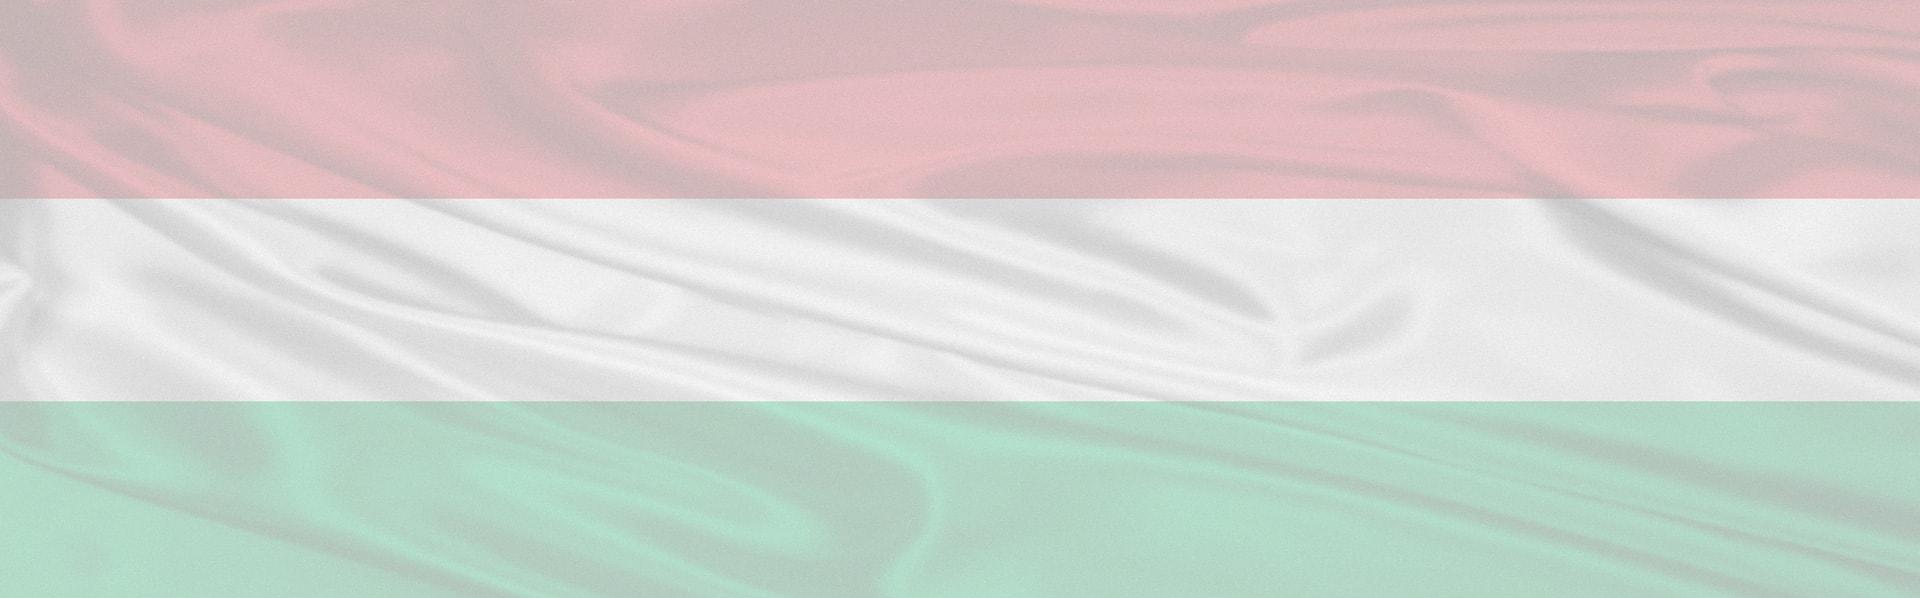 madjarska zastava